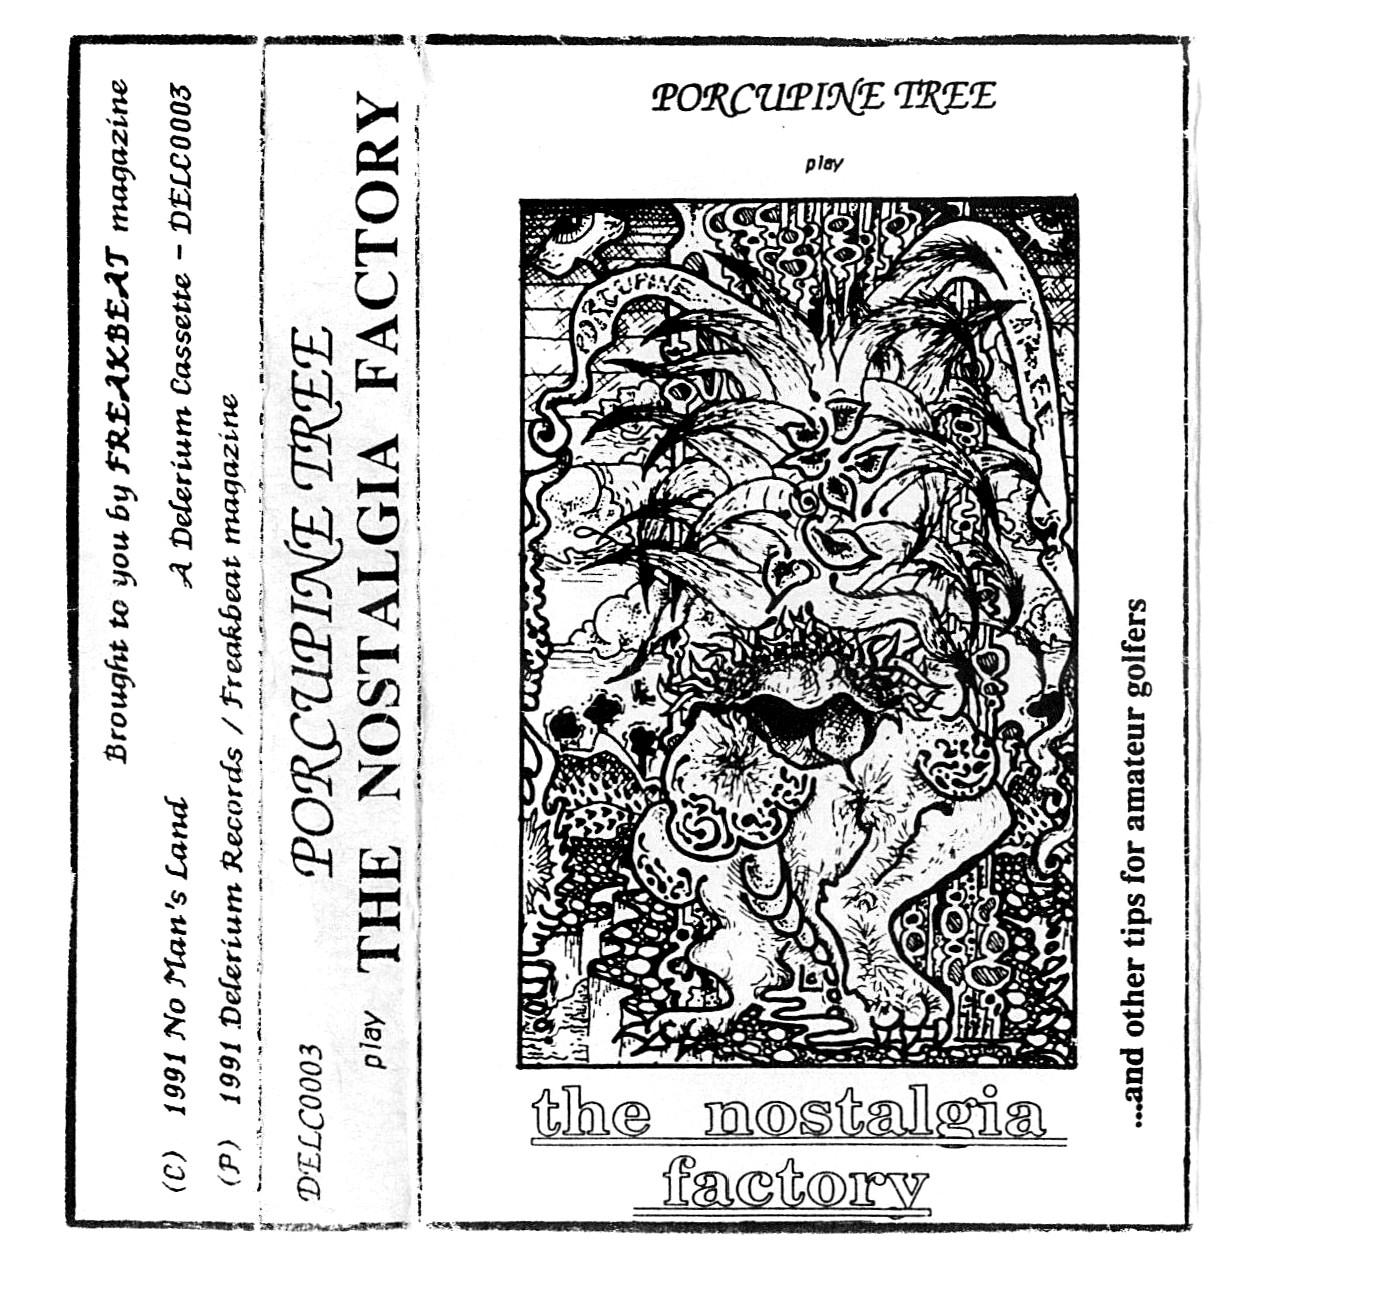 PORCUPINE TREE - The Nostalgia Factory cover